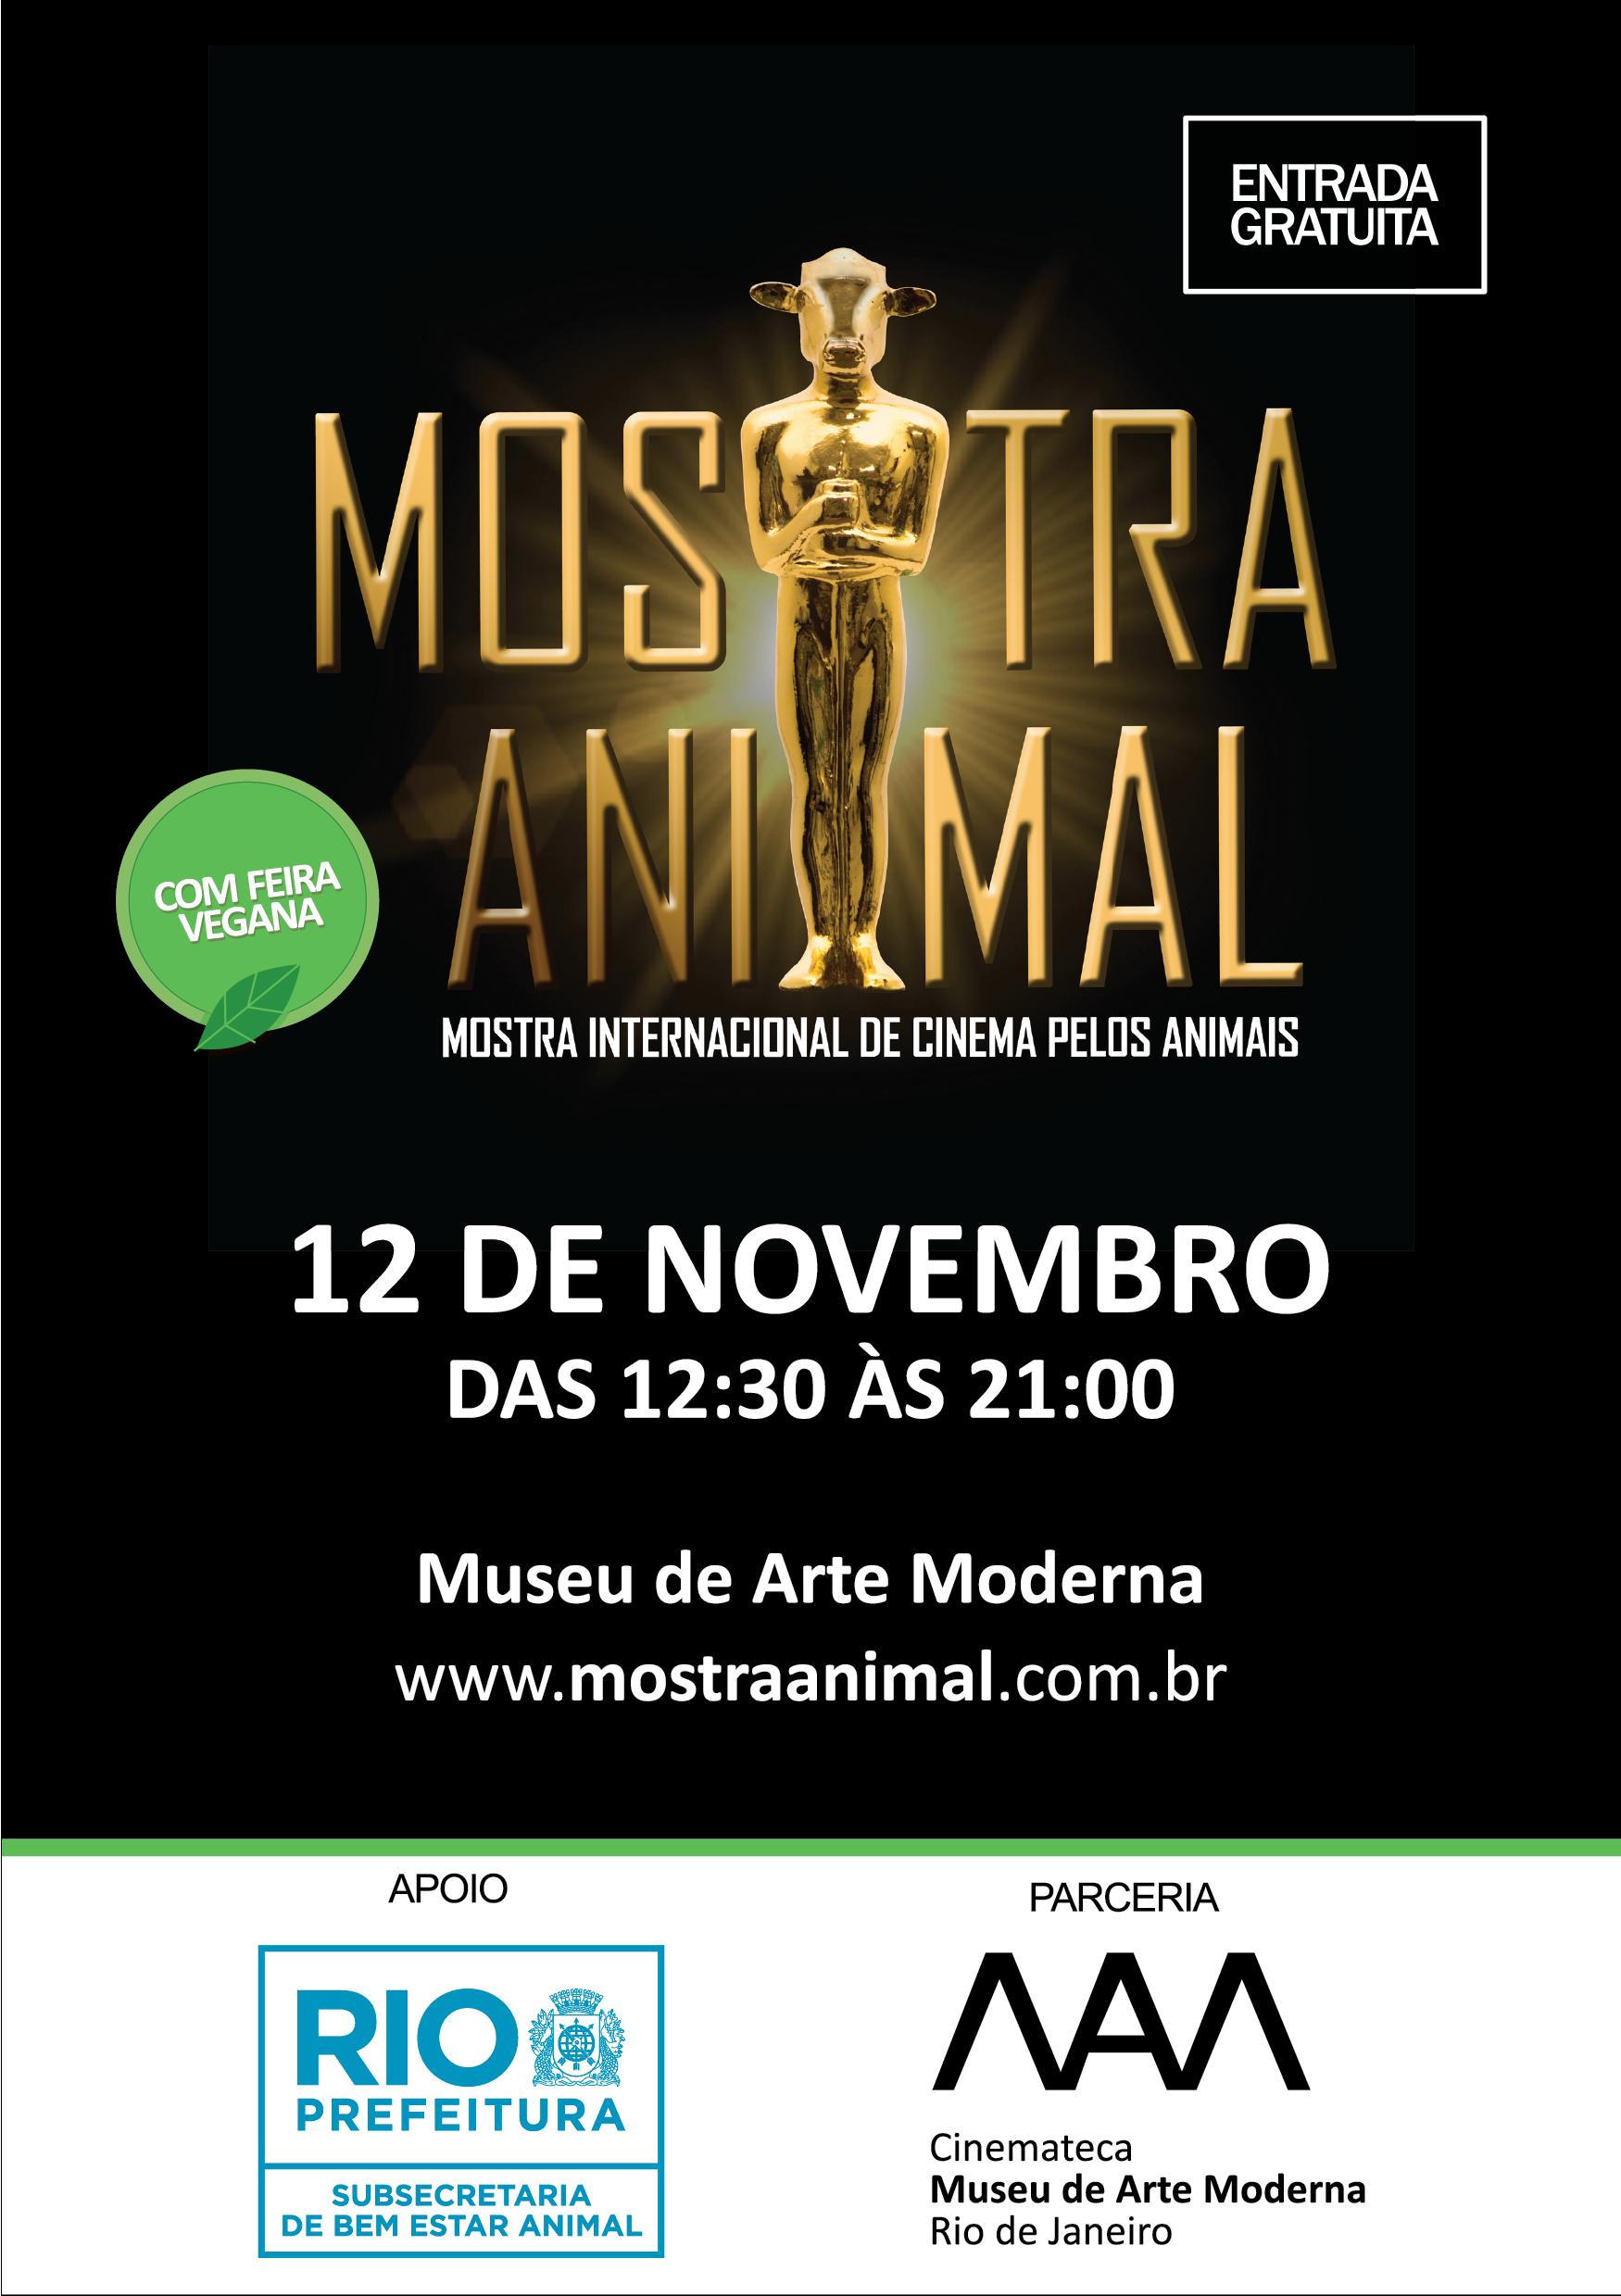 SUBEM na Mostra Internacional de Cinema Pelos Animais